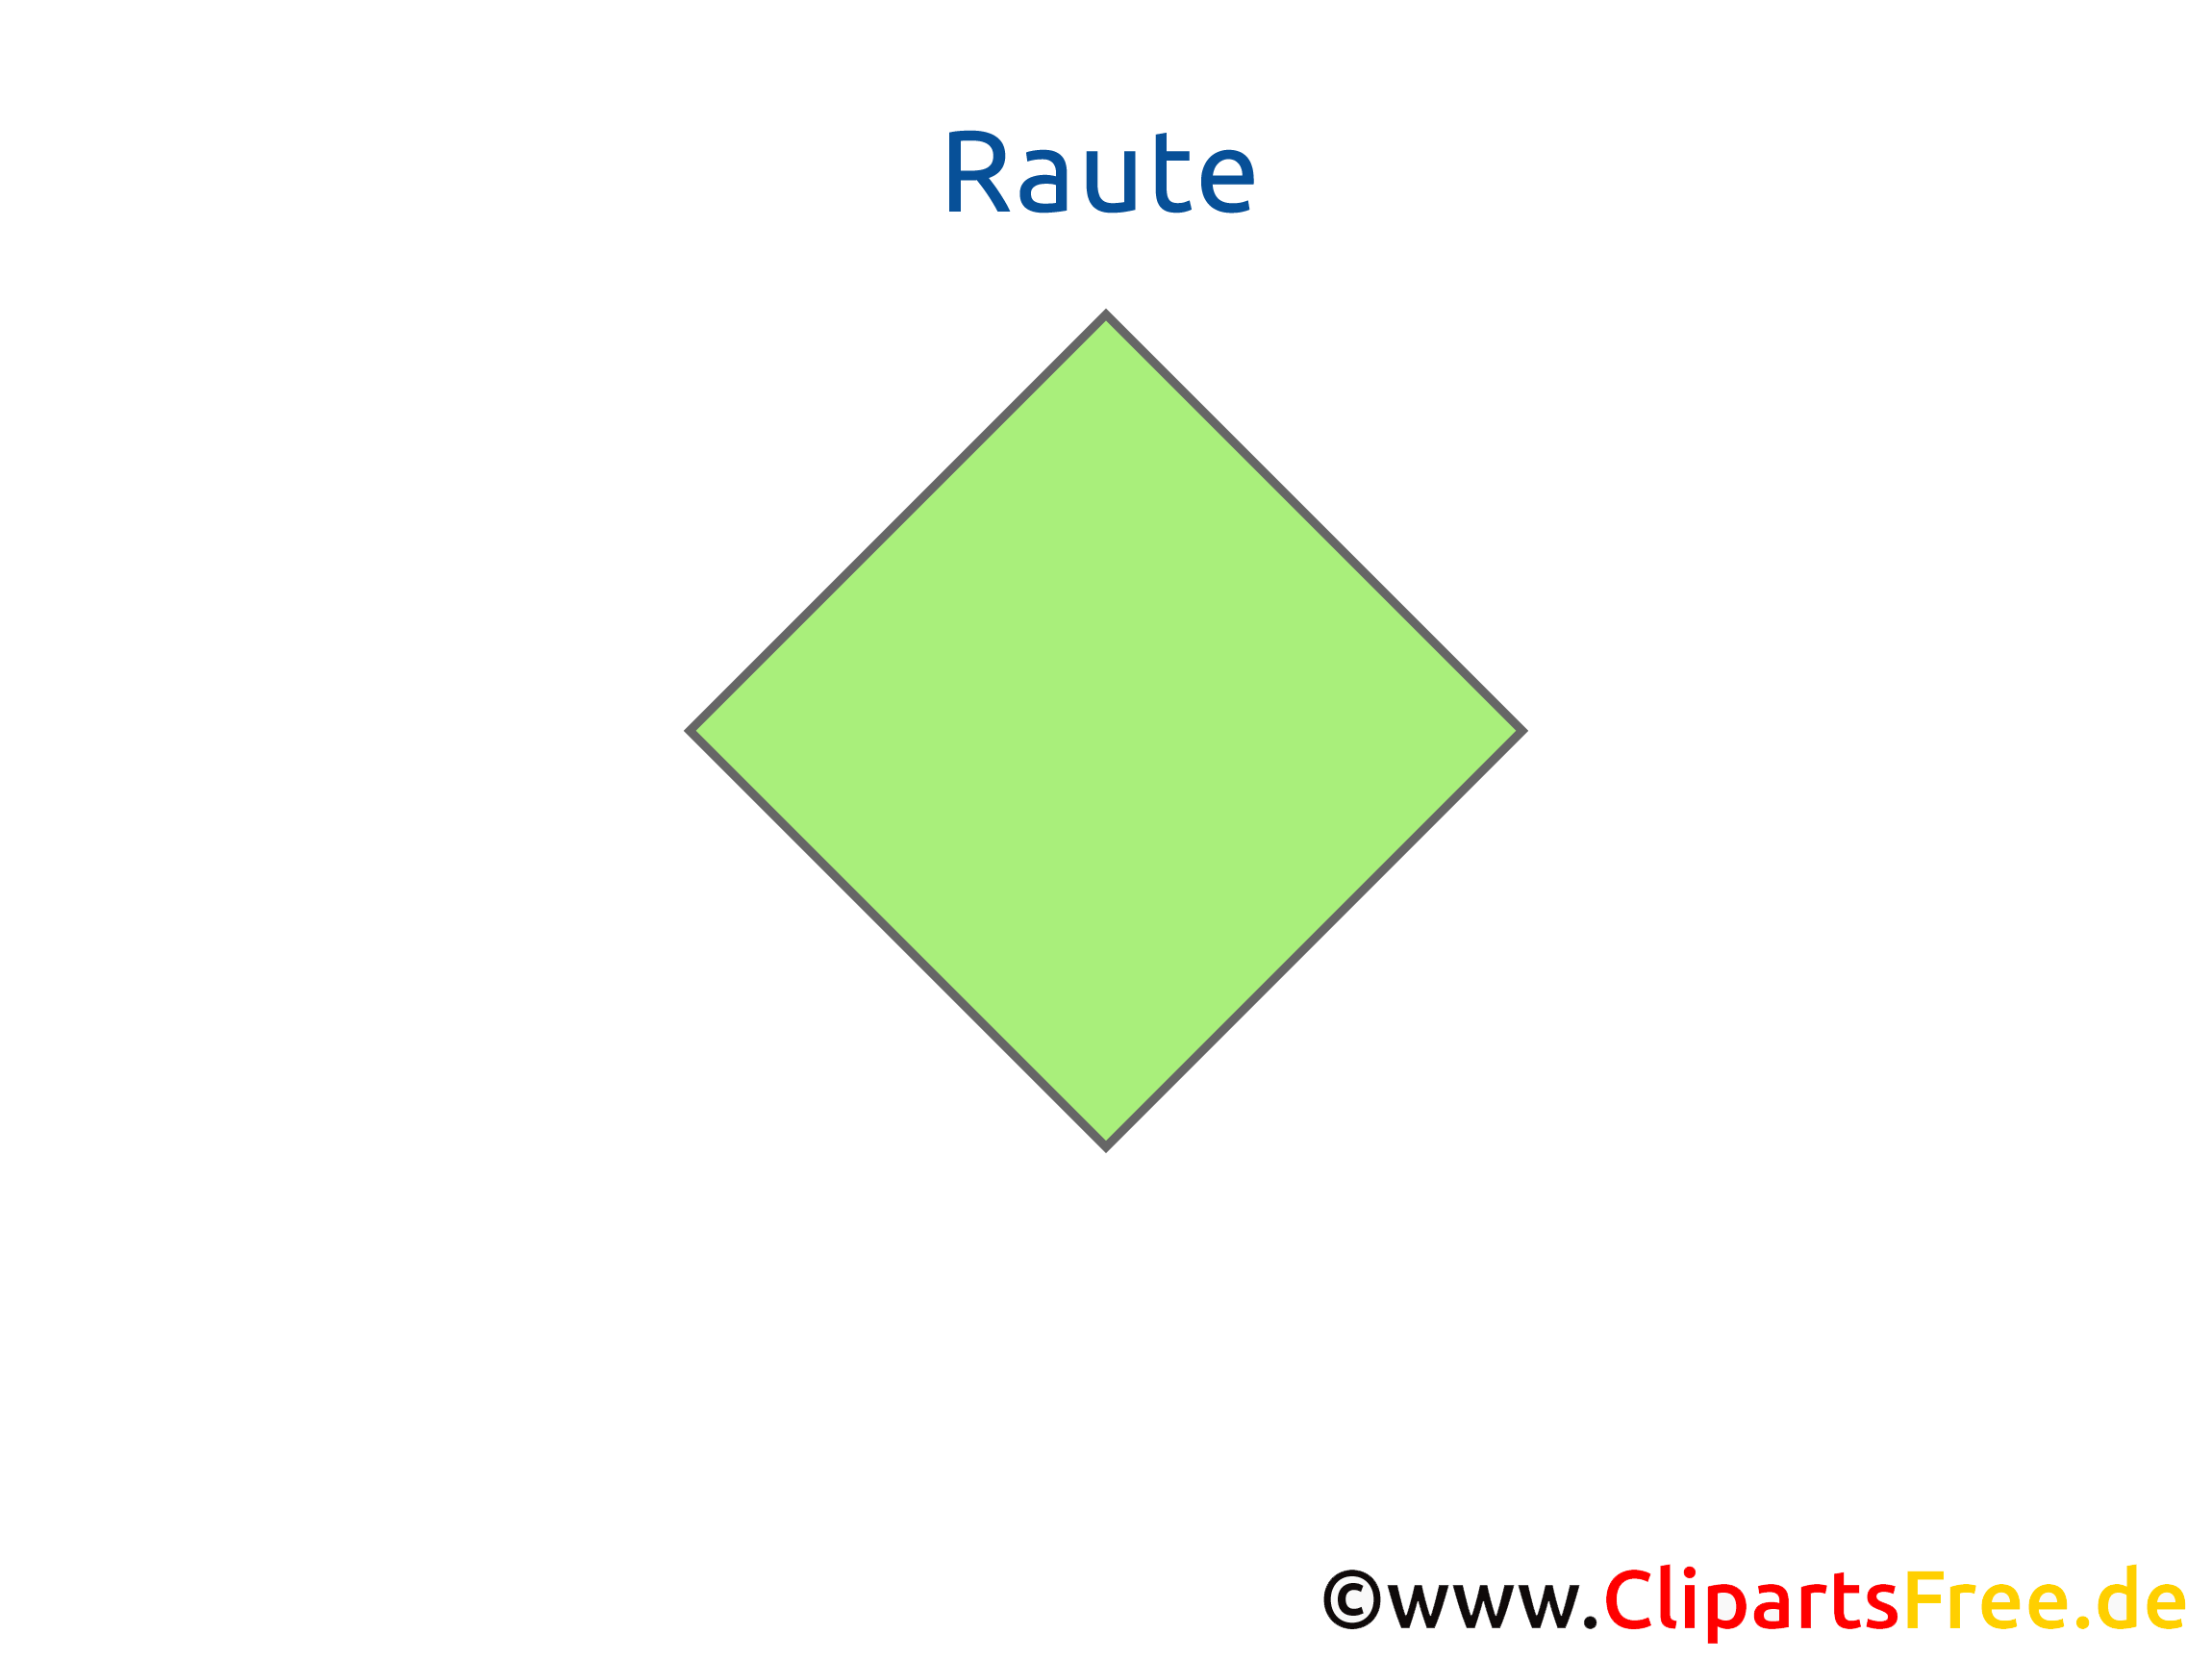 Raute Geometrie - Arbeitsblätter für die Grundschule